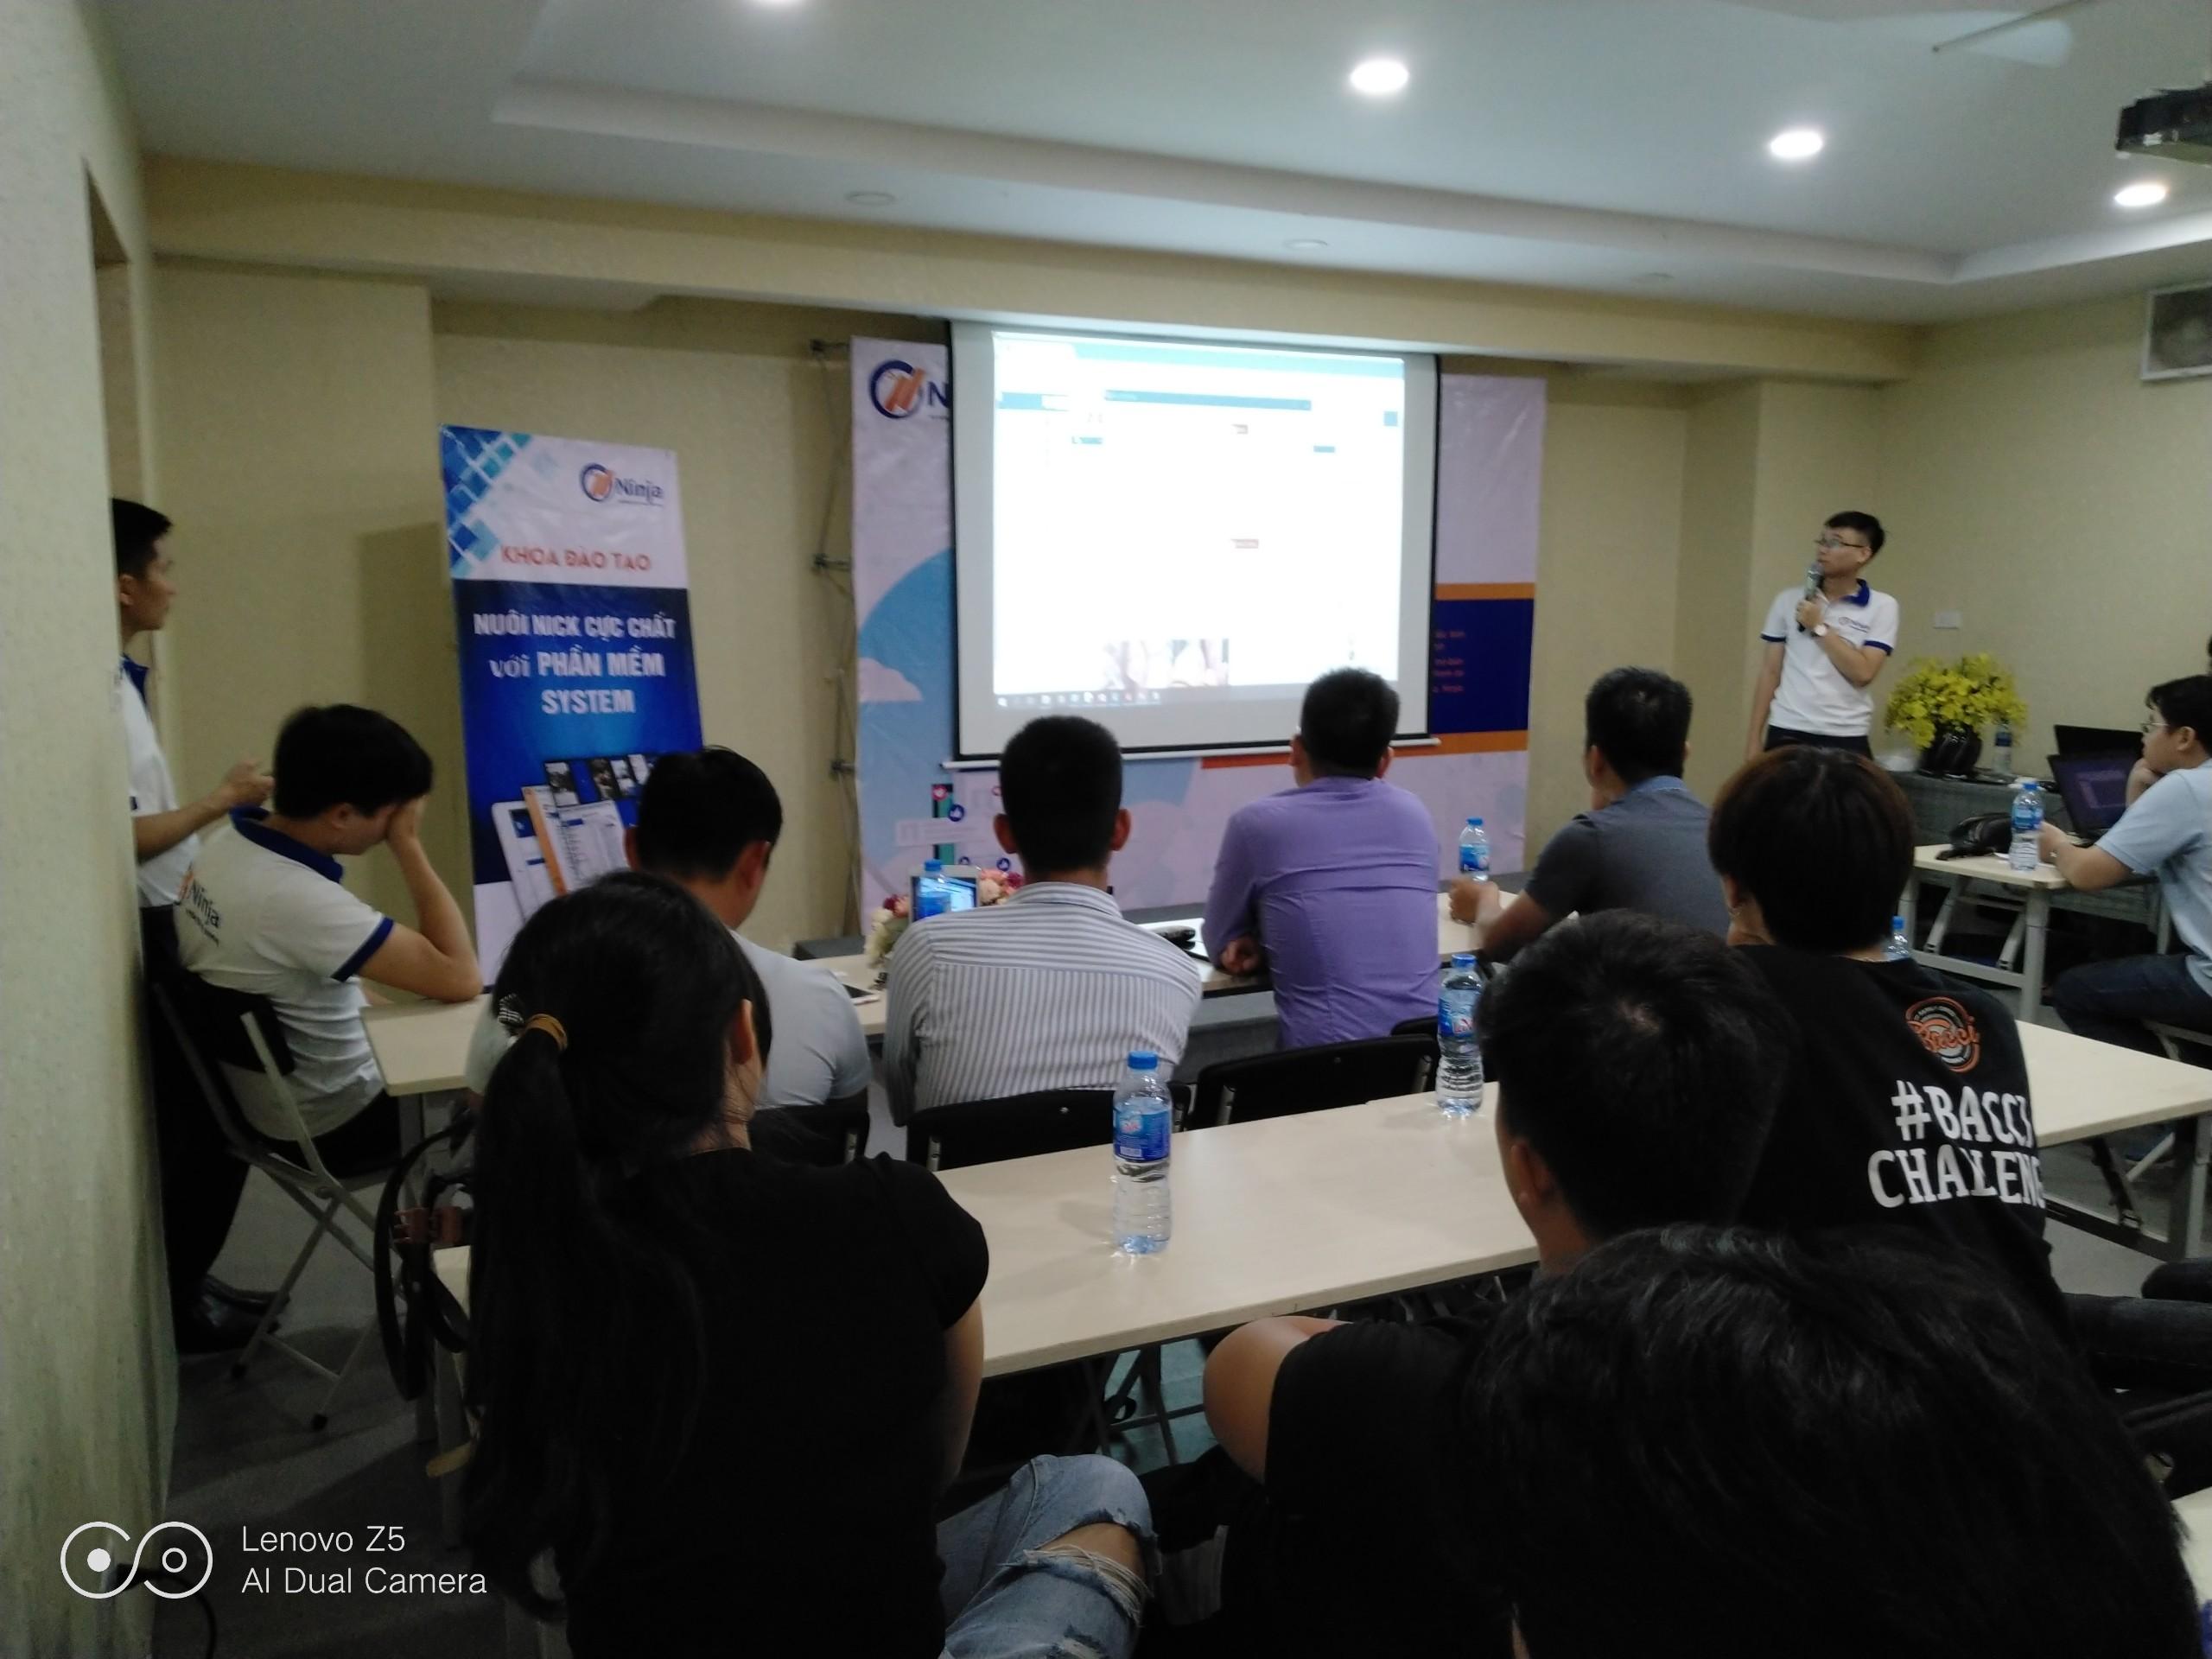 dao tao ninja system14 Tổng kết offline đào tạo Ninja System   phần mềm nuôi nick điện thoại số 1 Việt Nam